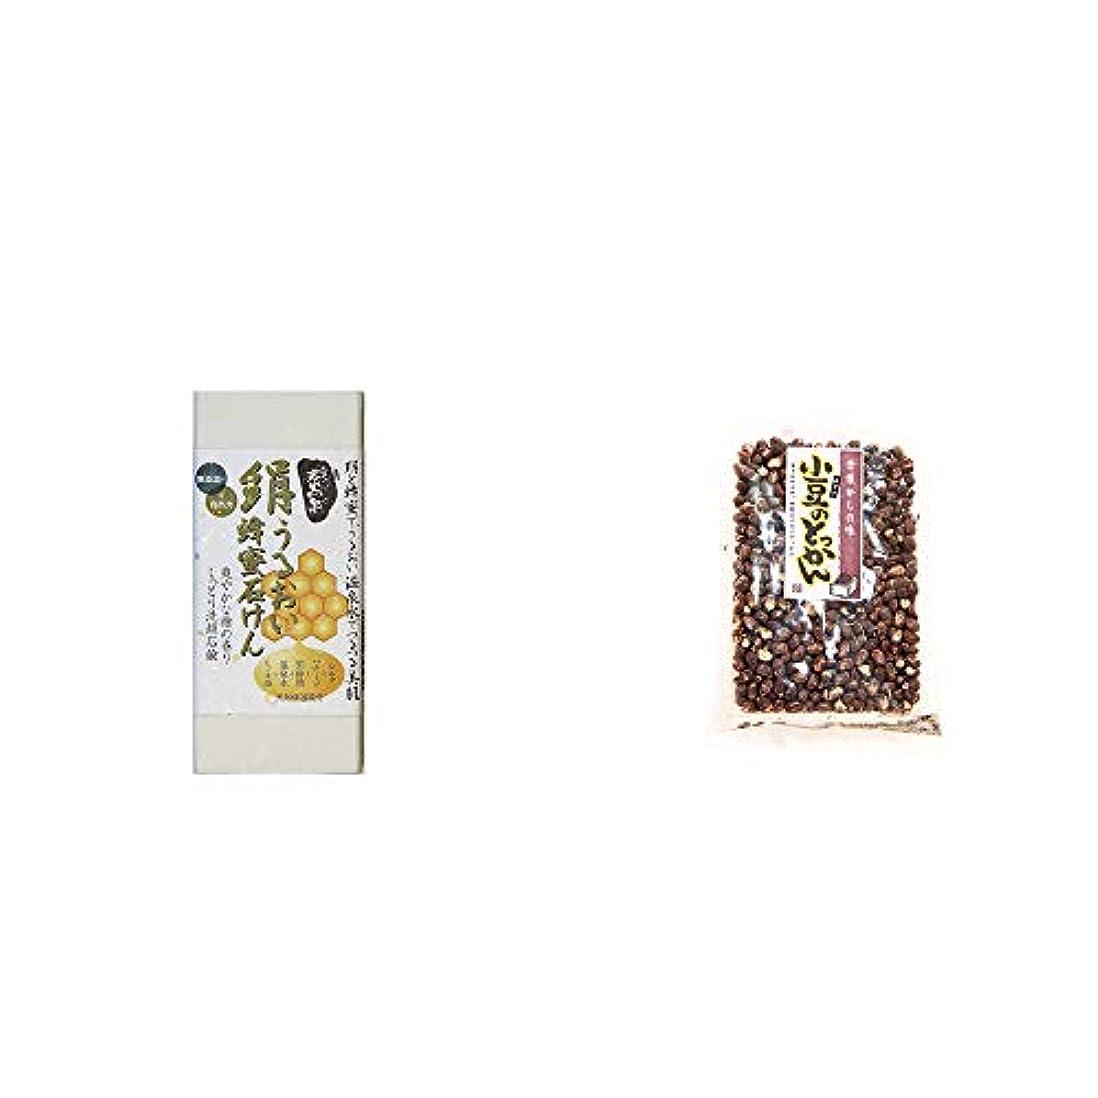 太鼓腹テレビ局守銭奴[2点セット] ひのき炭黒泉 絹うるおい蜂蜜石けん(75g×2)?小豆のとっかん(150g)